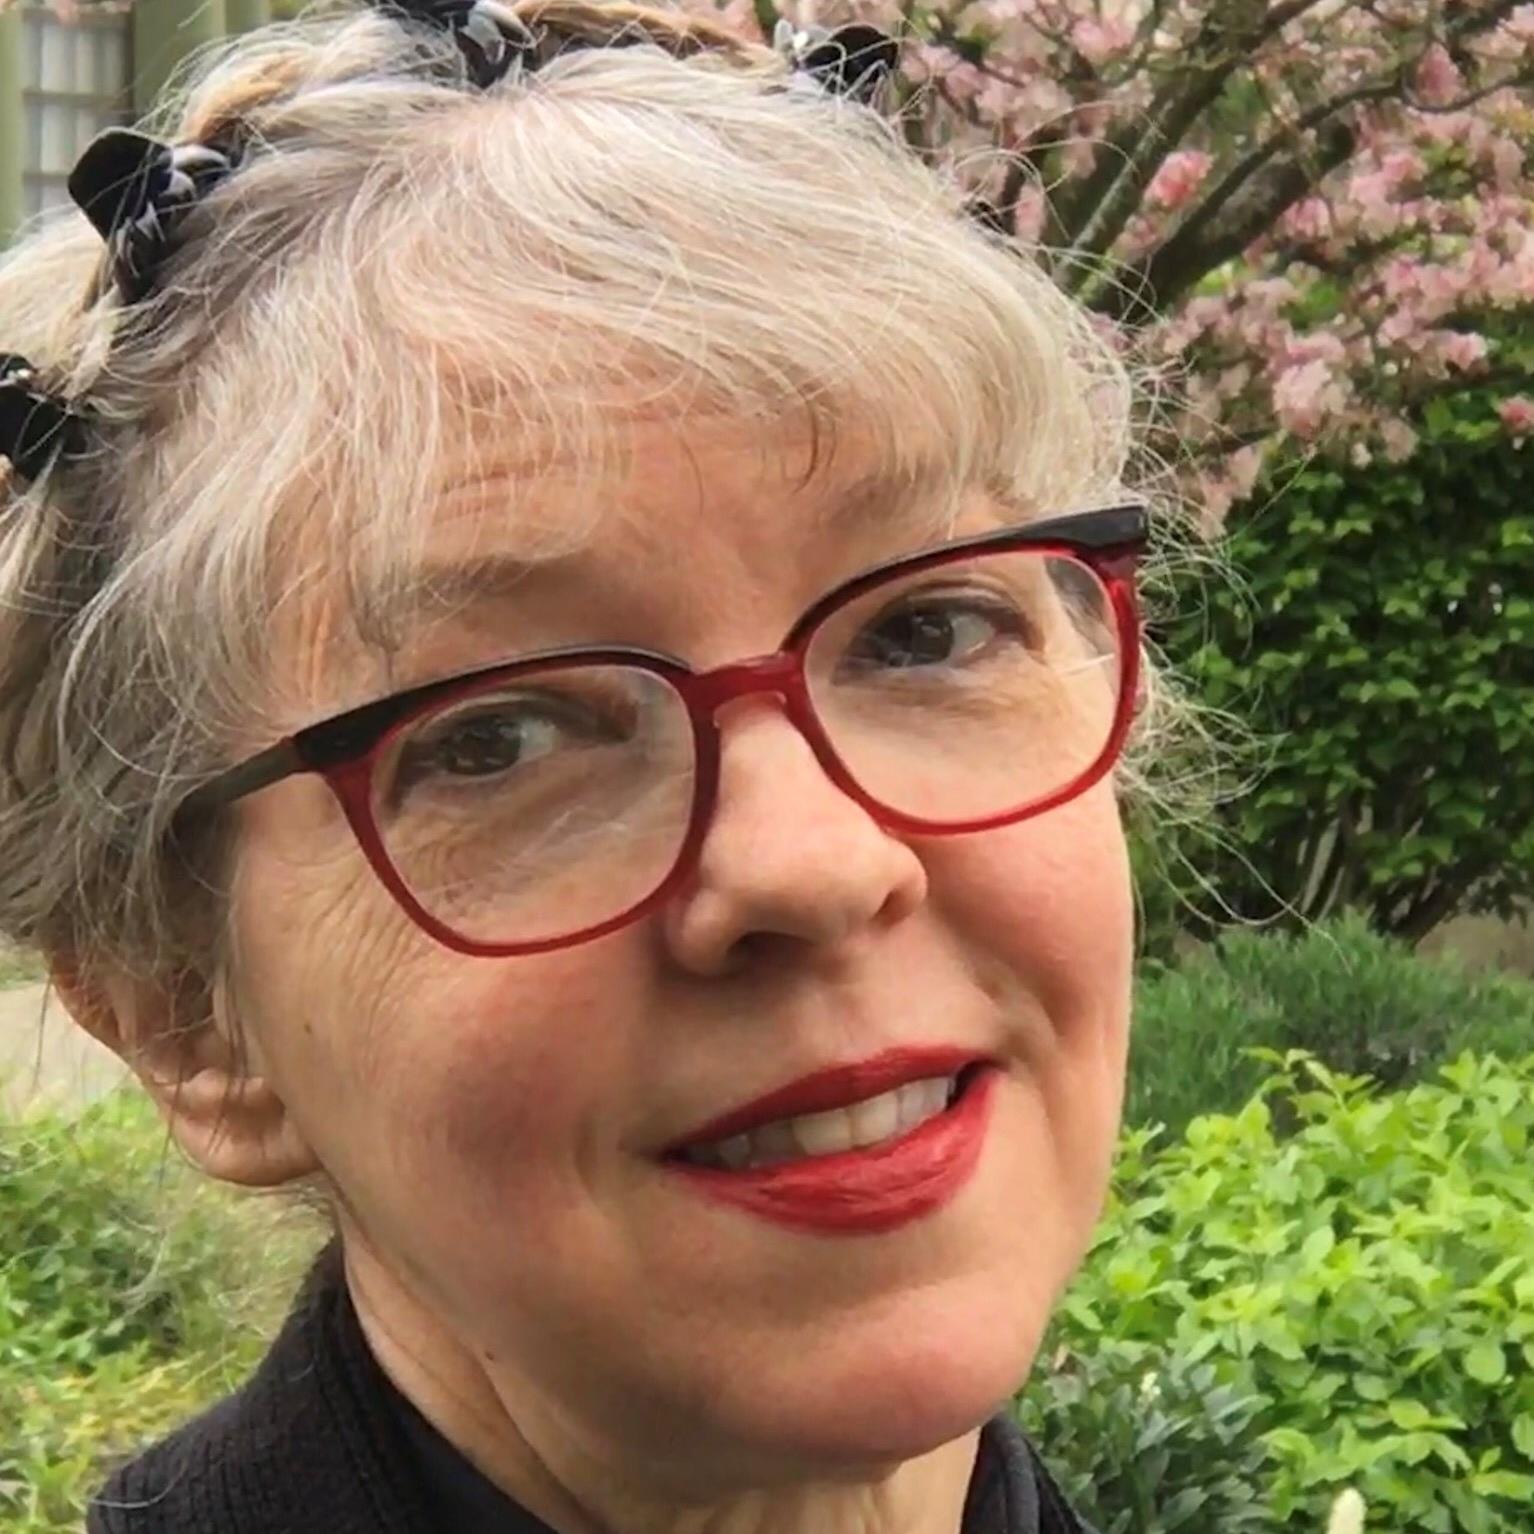 Hazel Denhart - Hazel.Denhart.by Rick Denhart.jpg